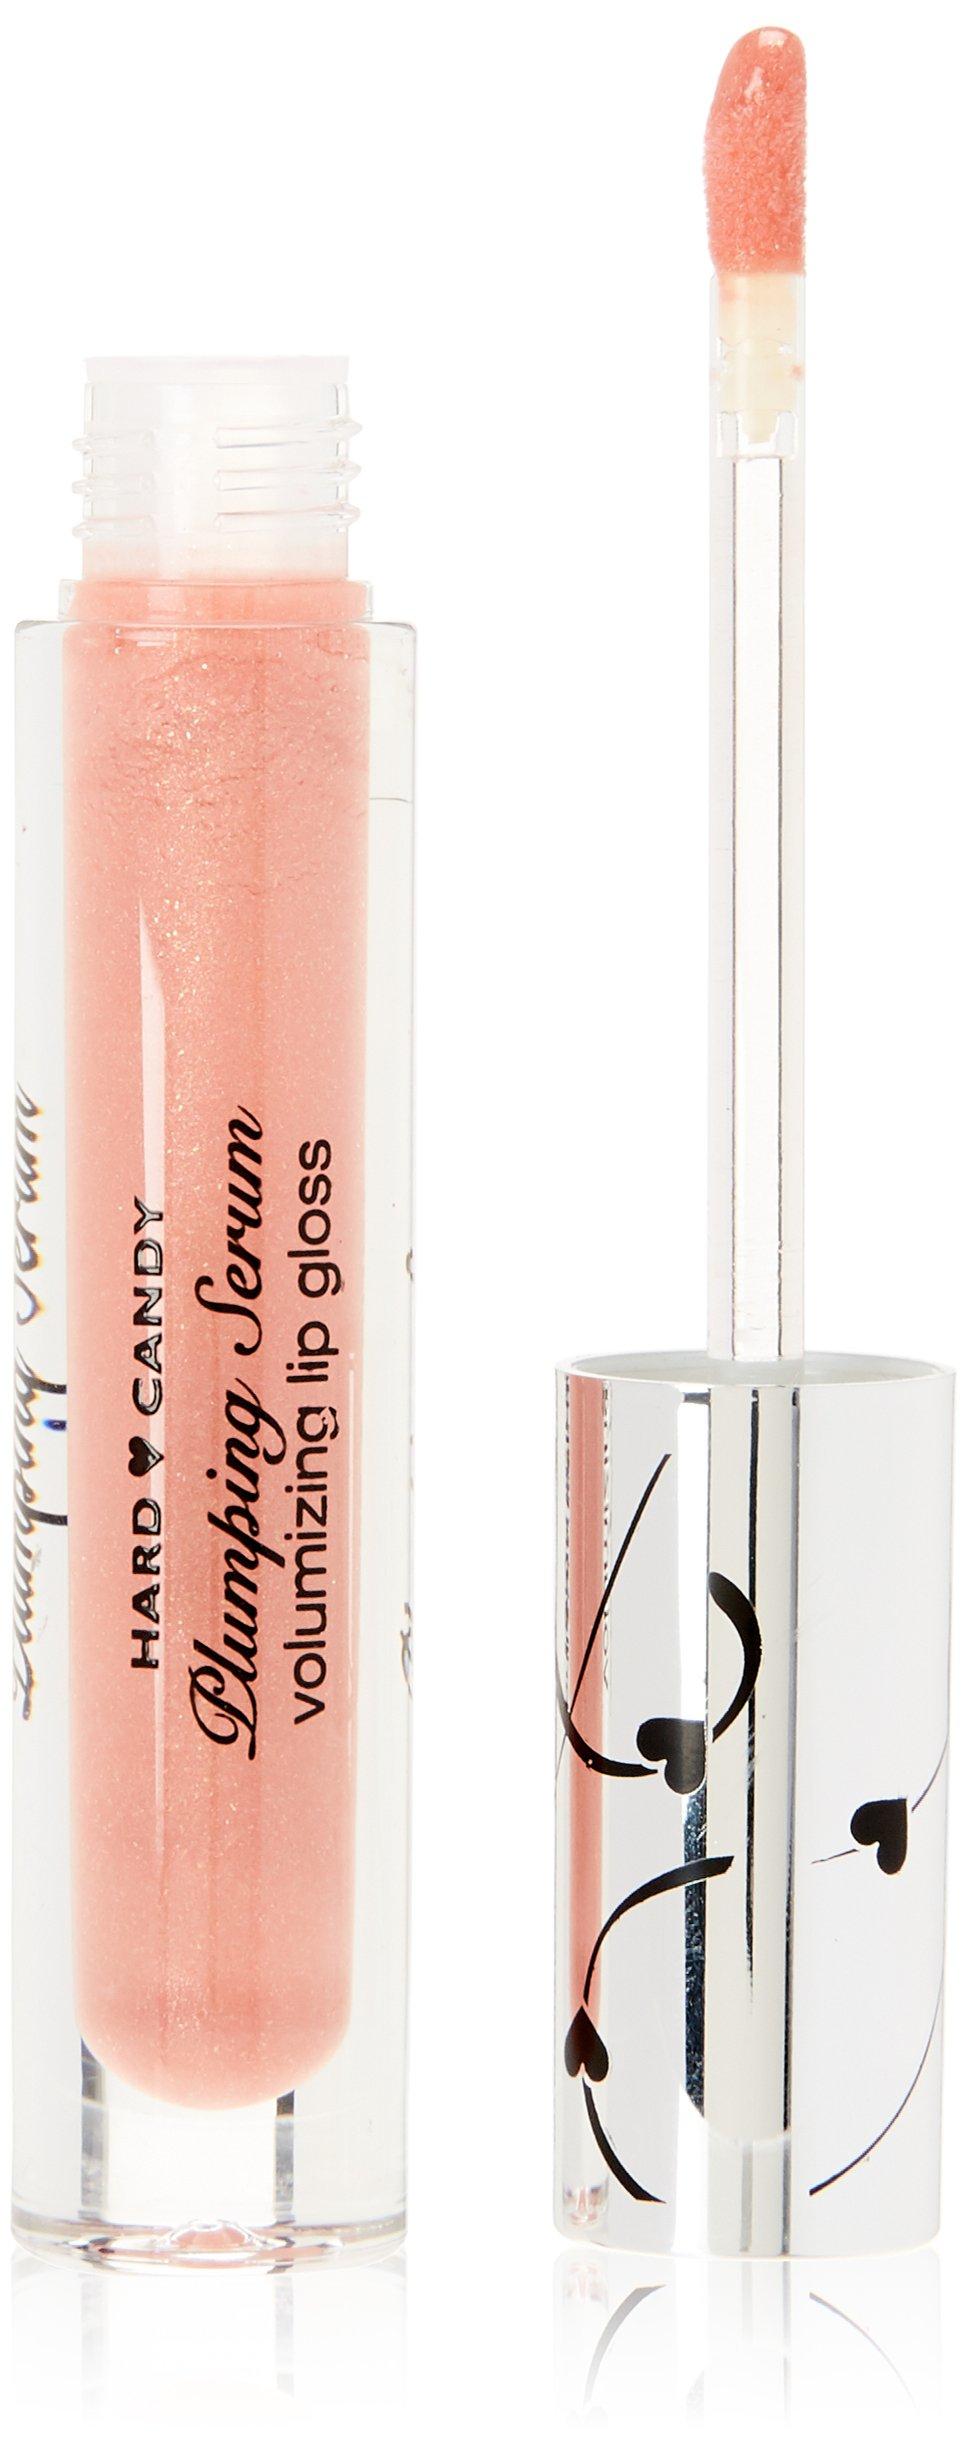 Amazoncom  Hard Candy Plumping Serum Volumizing Lip Gloss, 975 Lion Tamer  Beauty-4364